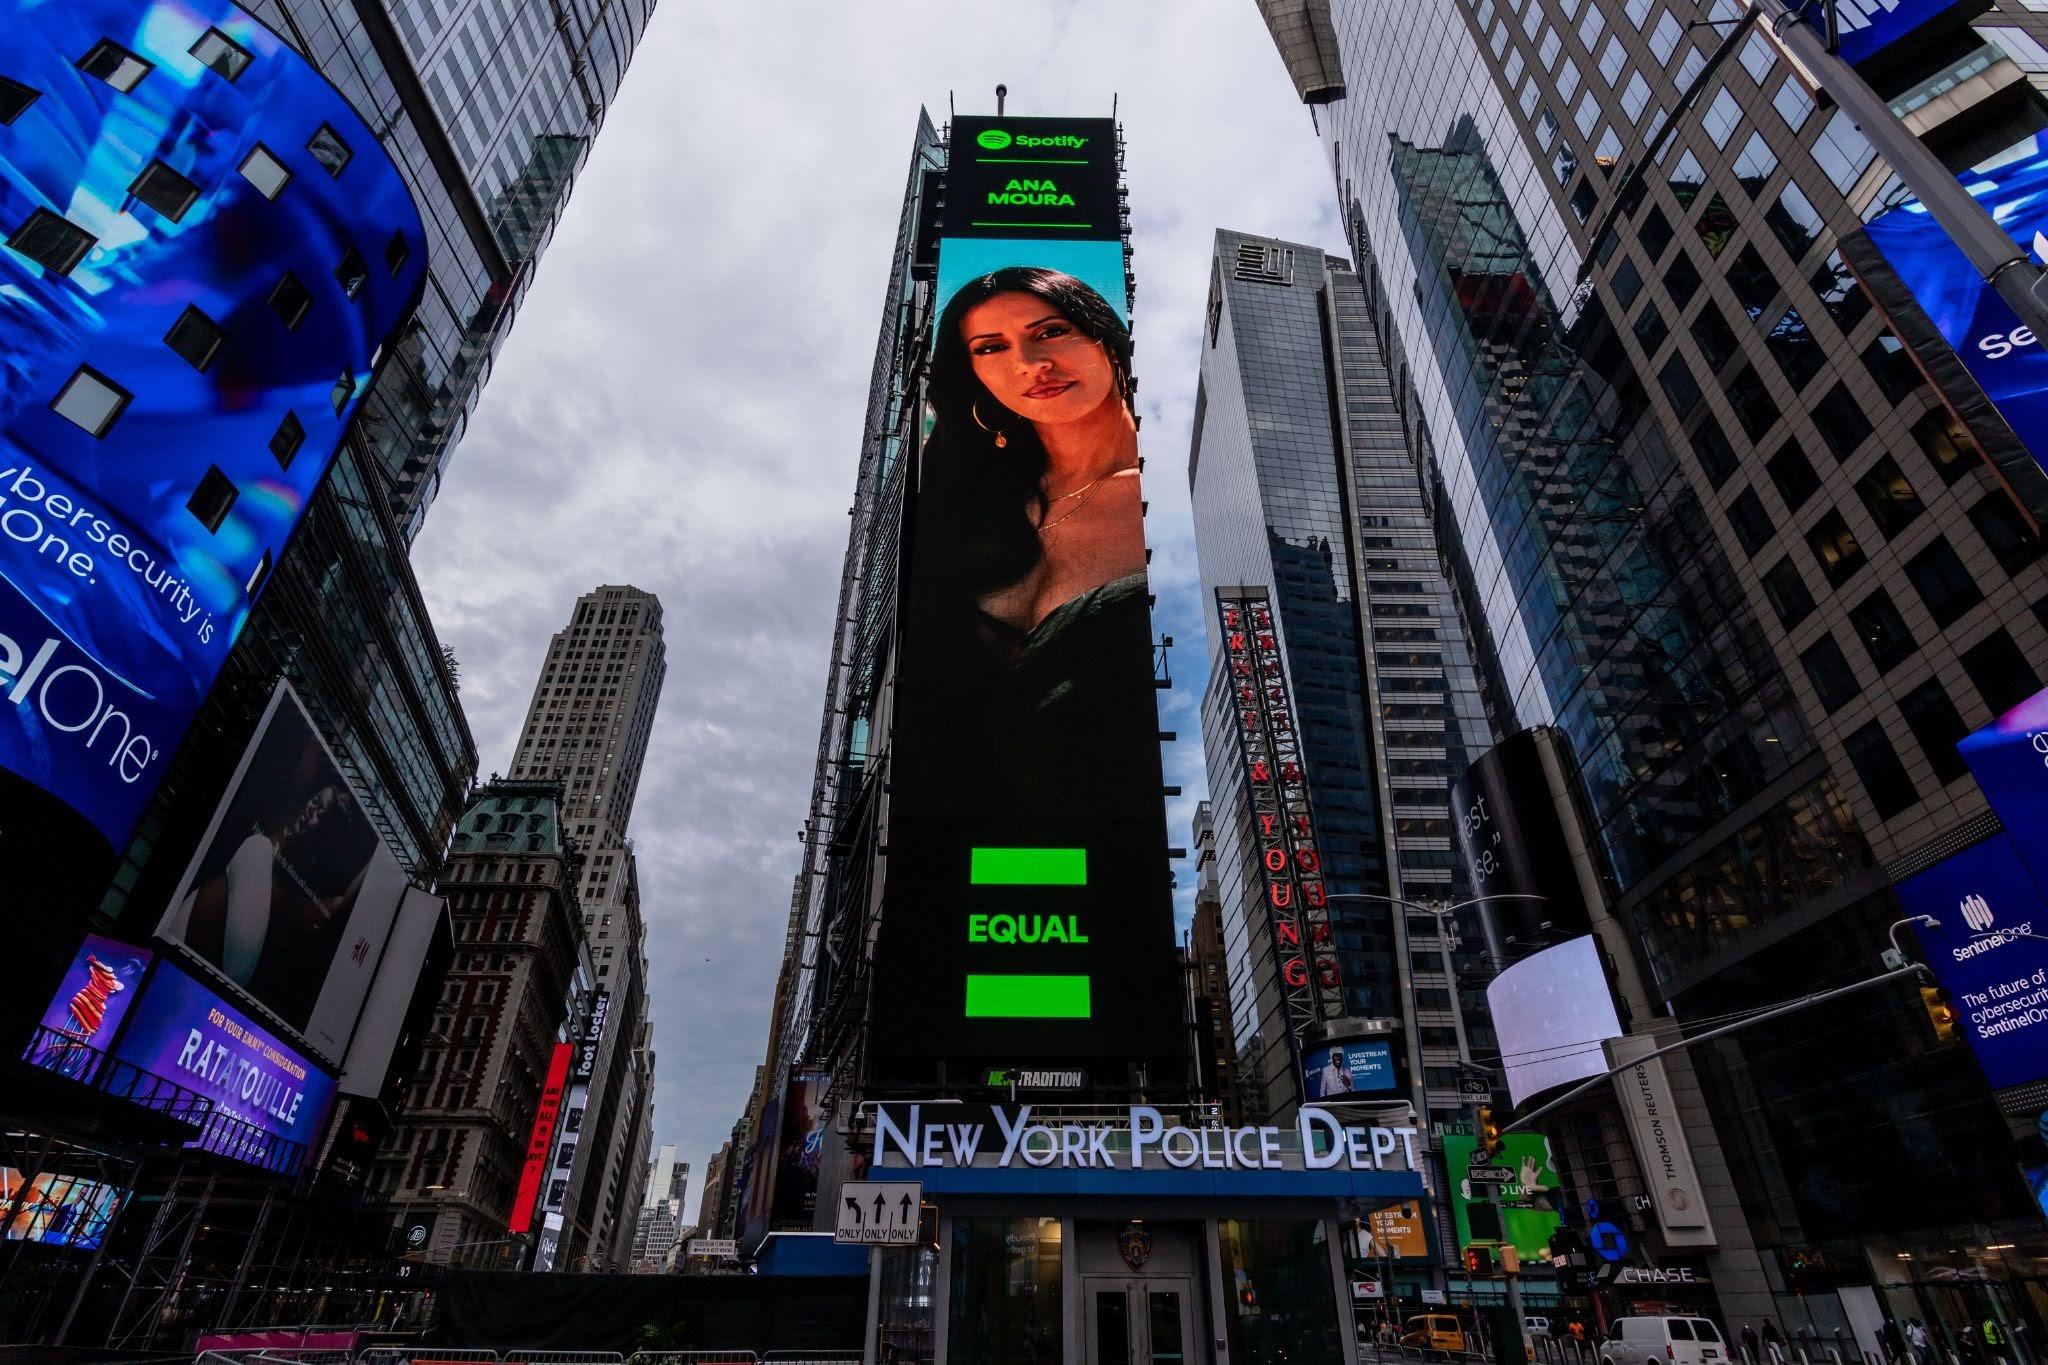 Ana Moura em grande destaque em Times Square em Nova Iorque